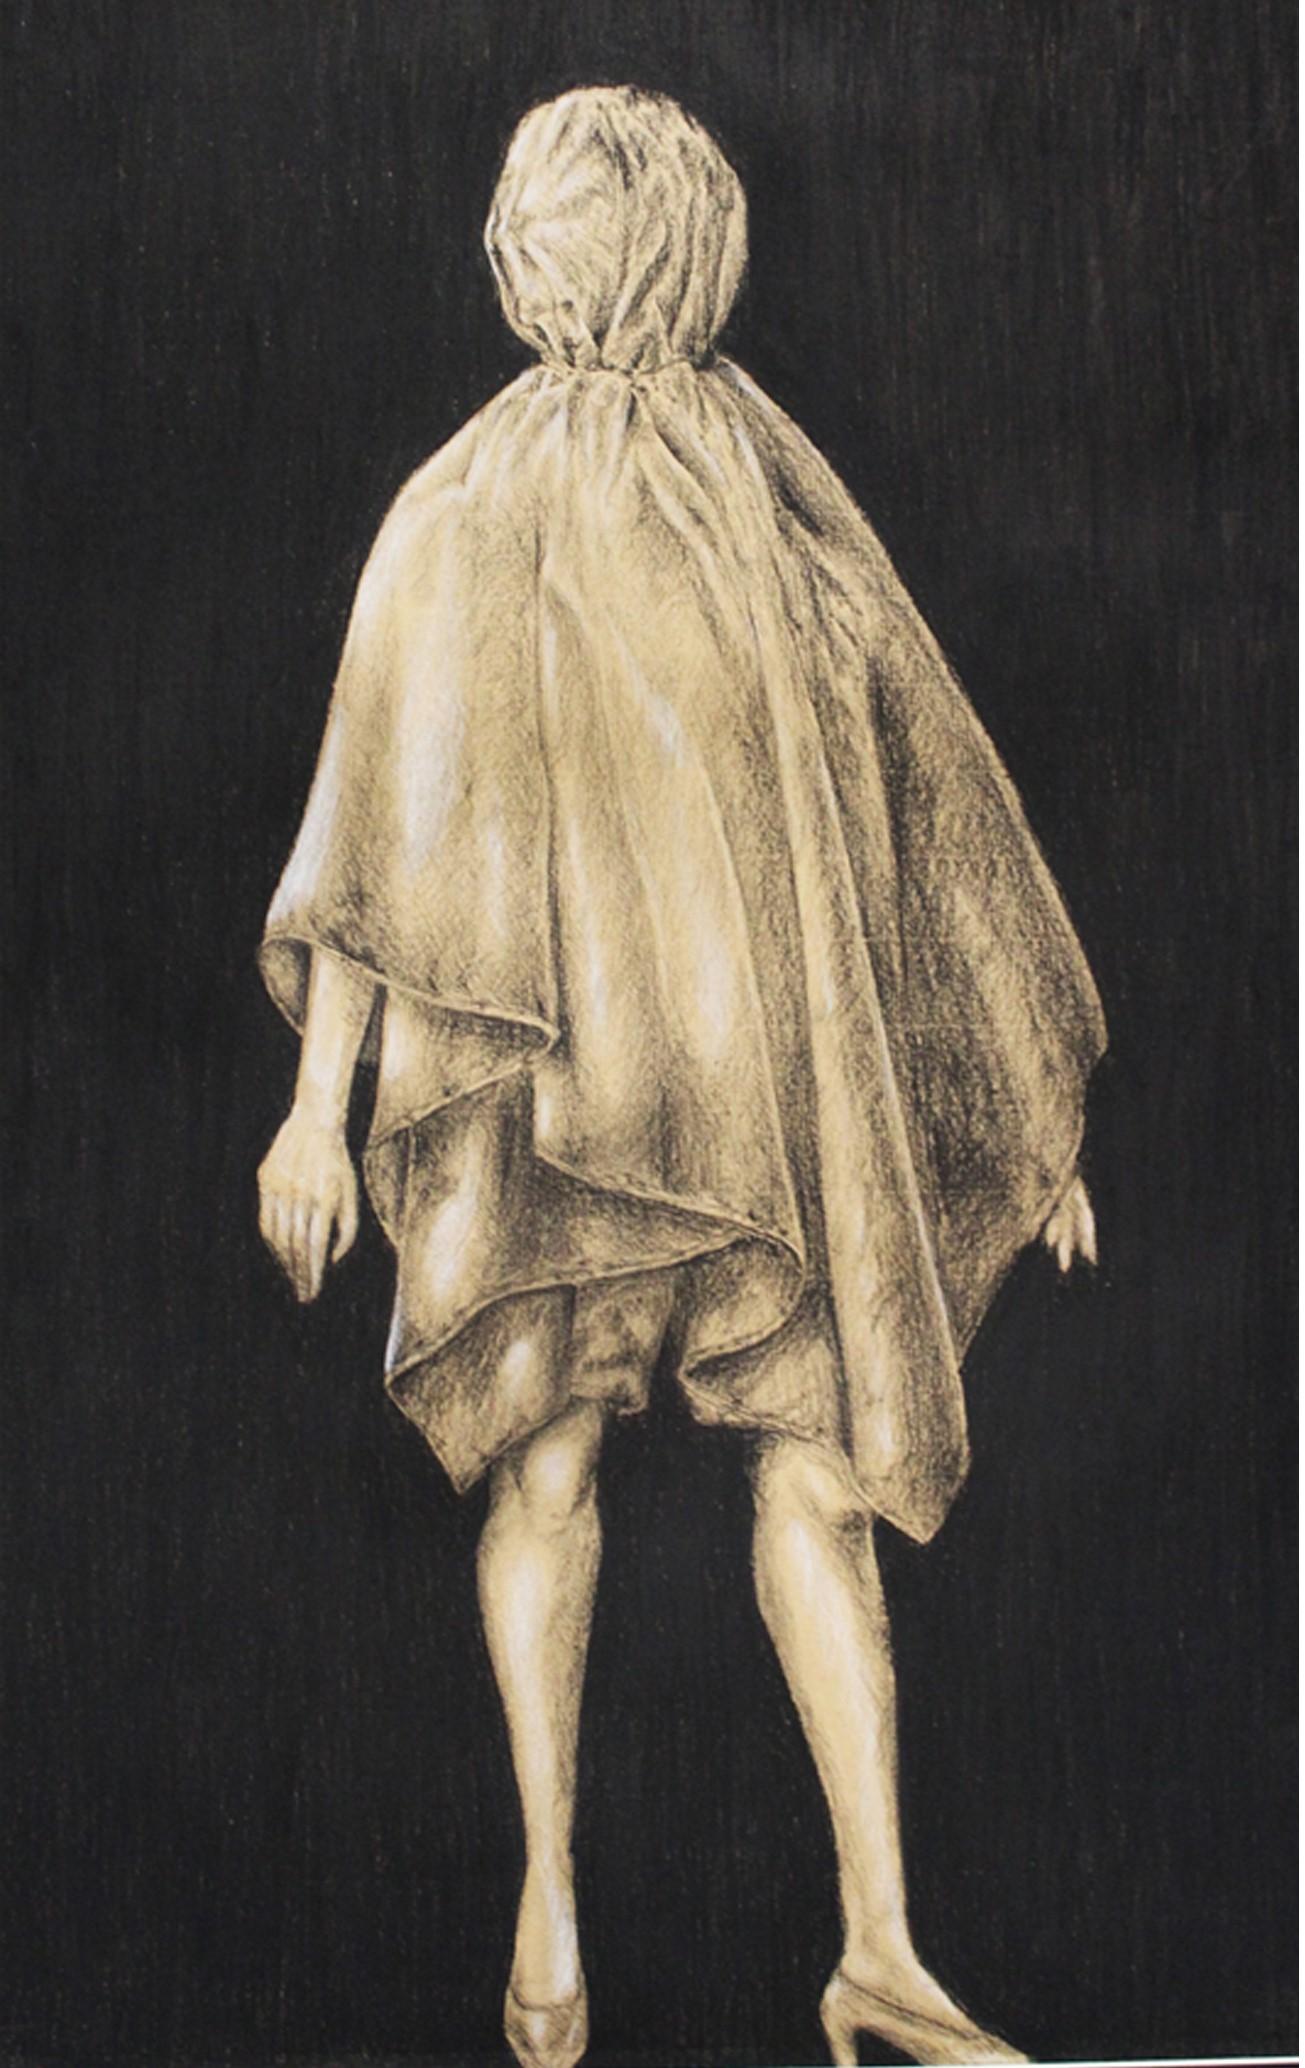 illustration of figure